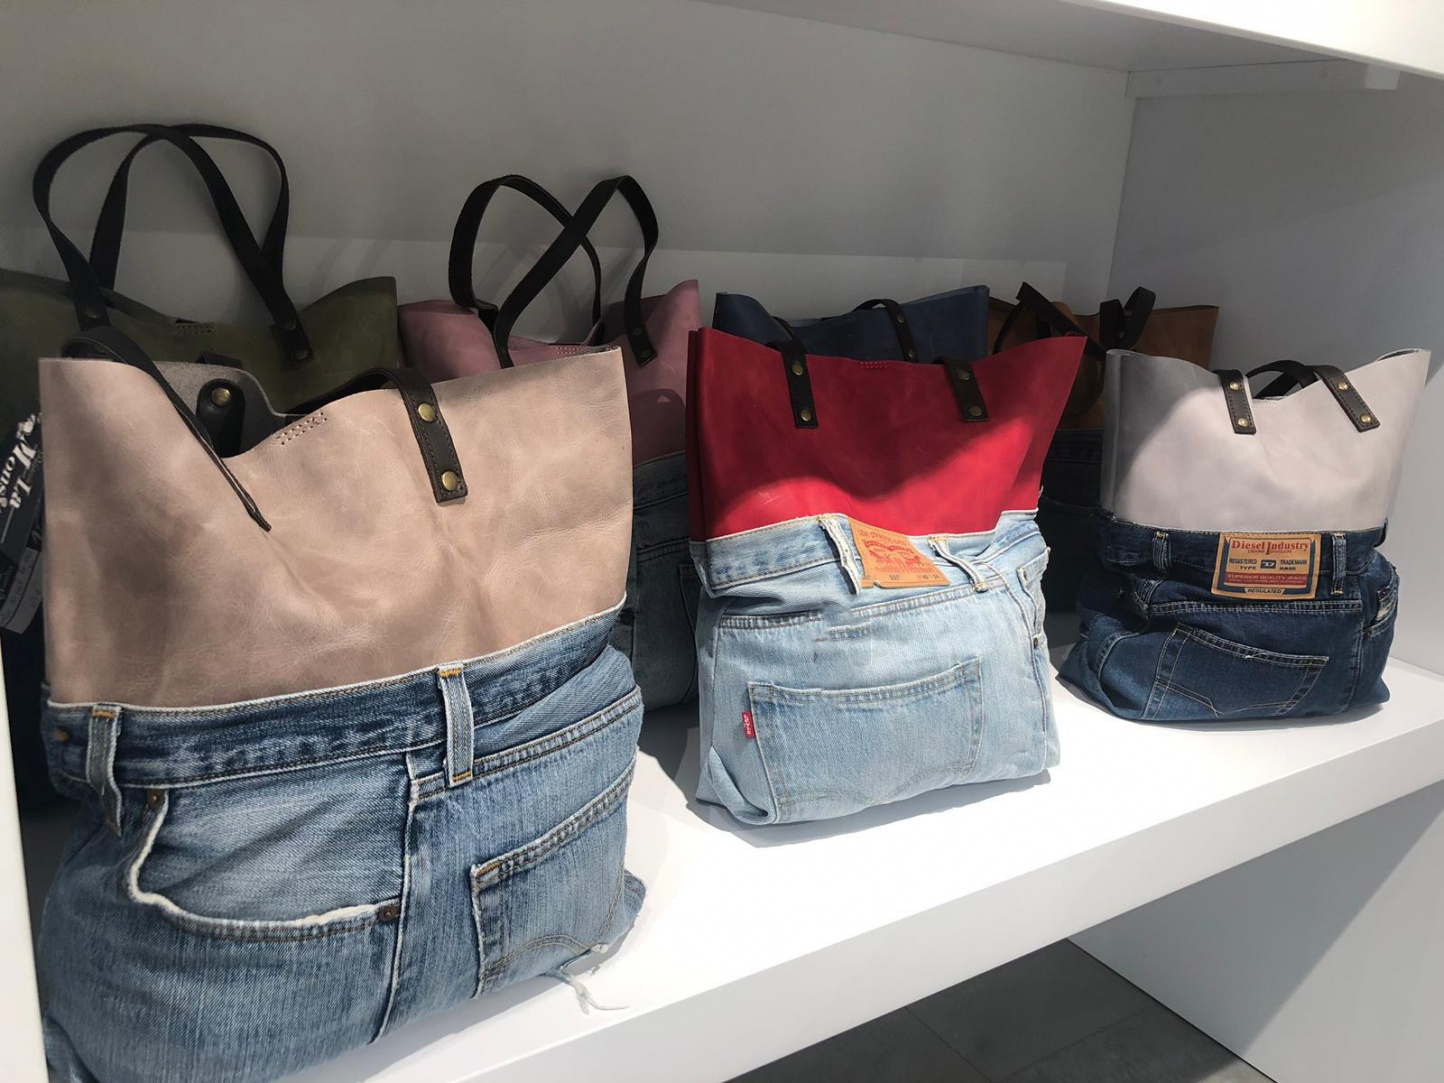 Bolsos de piel y complementos de moda: la esencia de lo esencial - Img 3